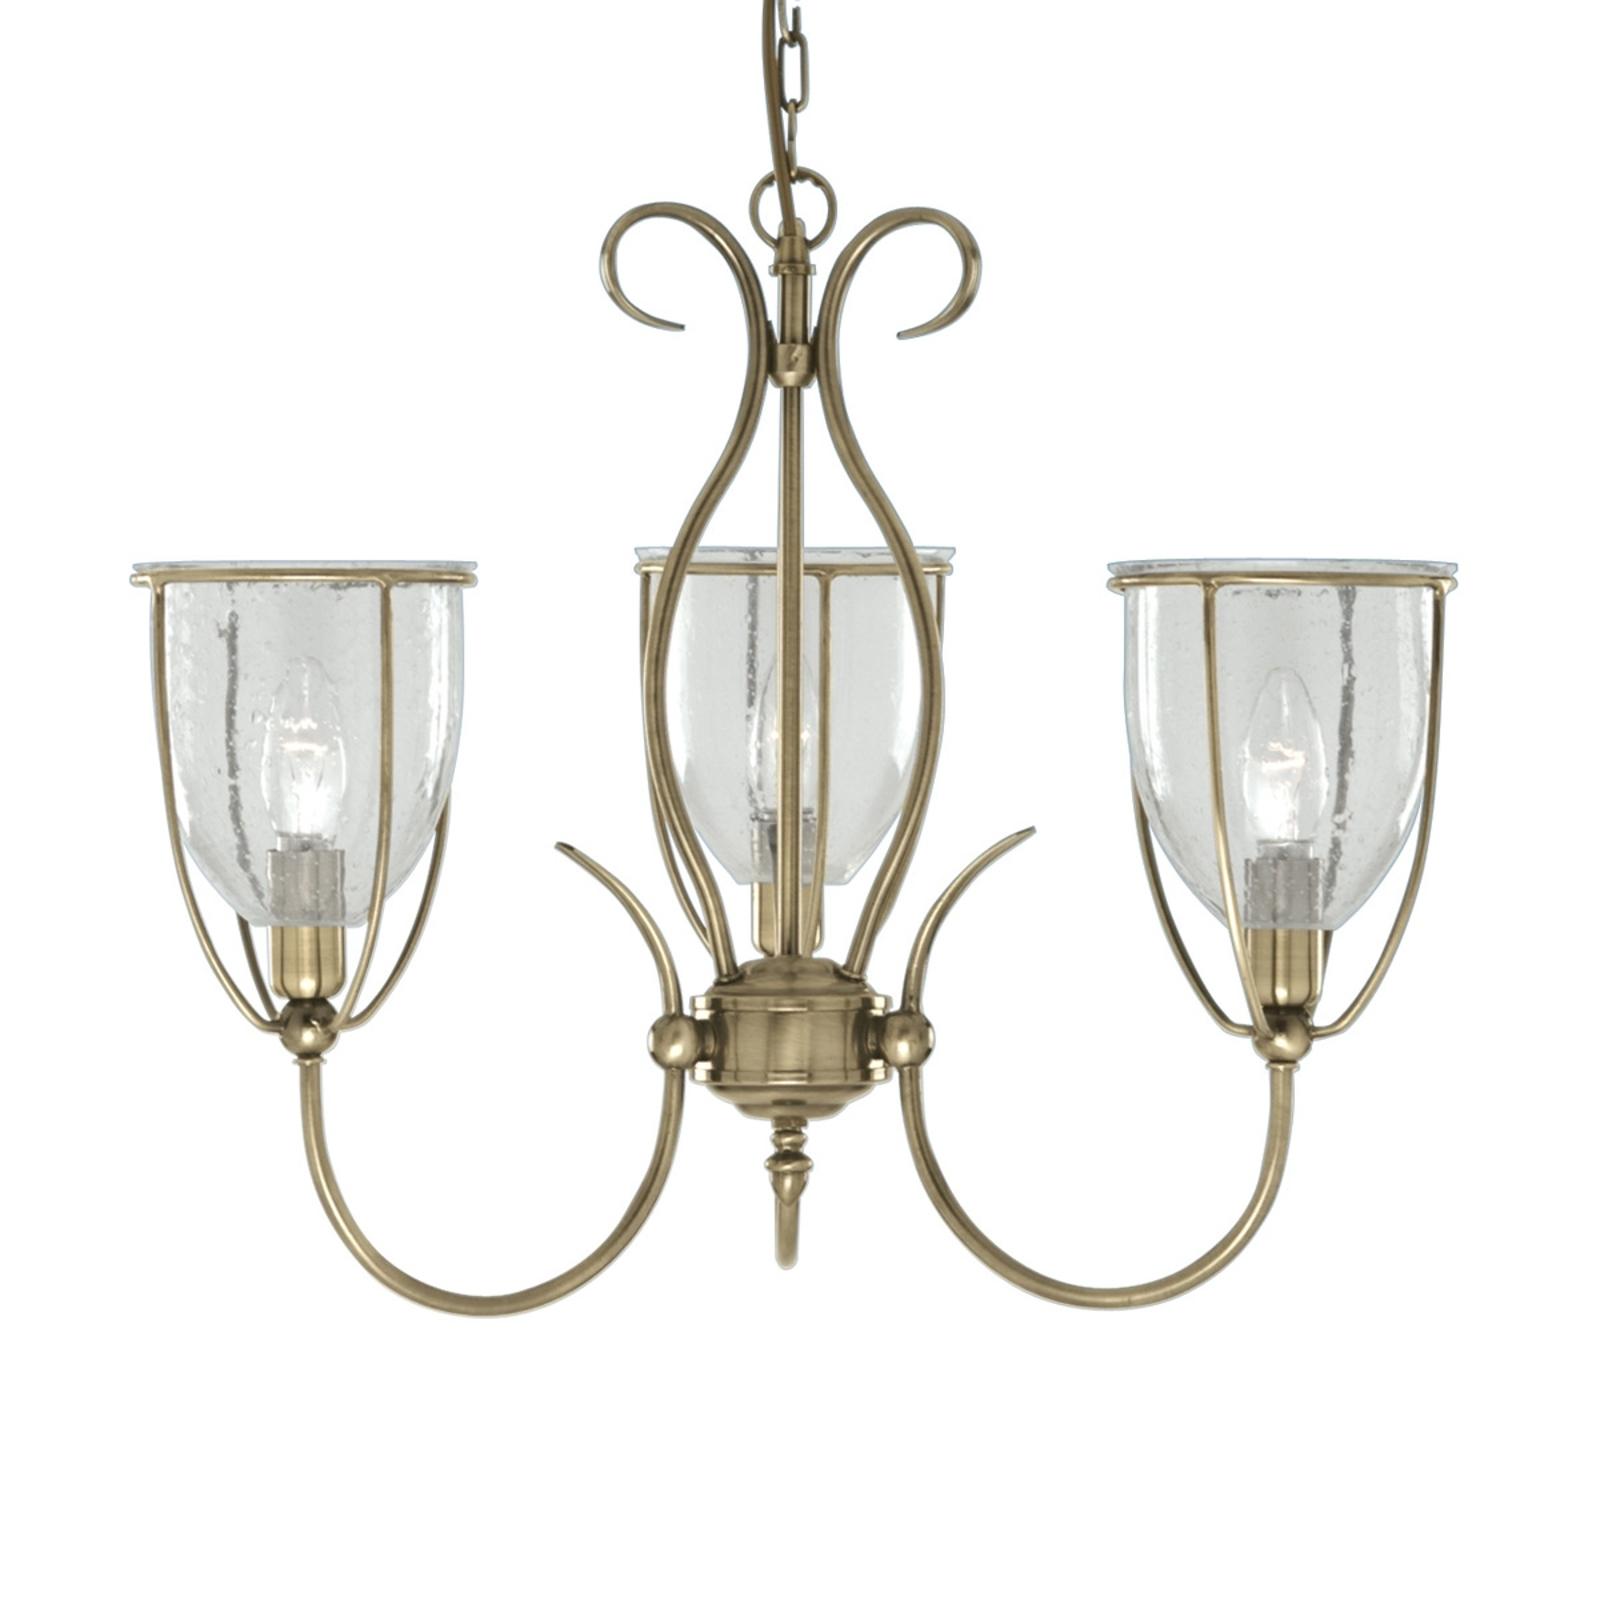 Suspension antique SILHOUETTE à 3 lampes